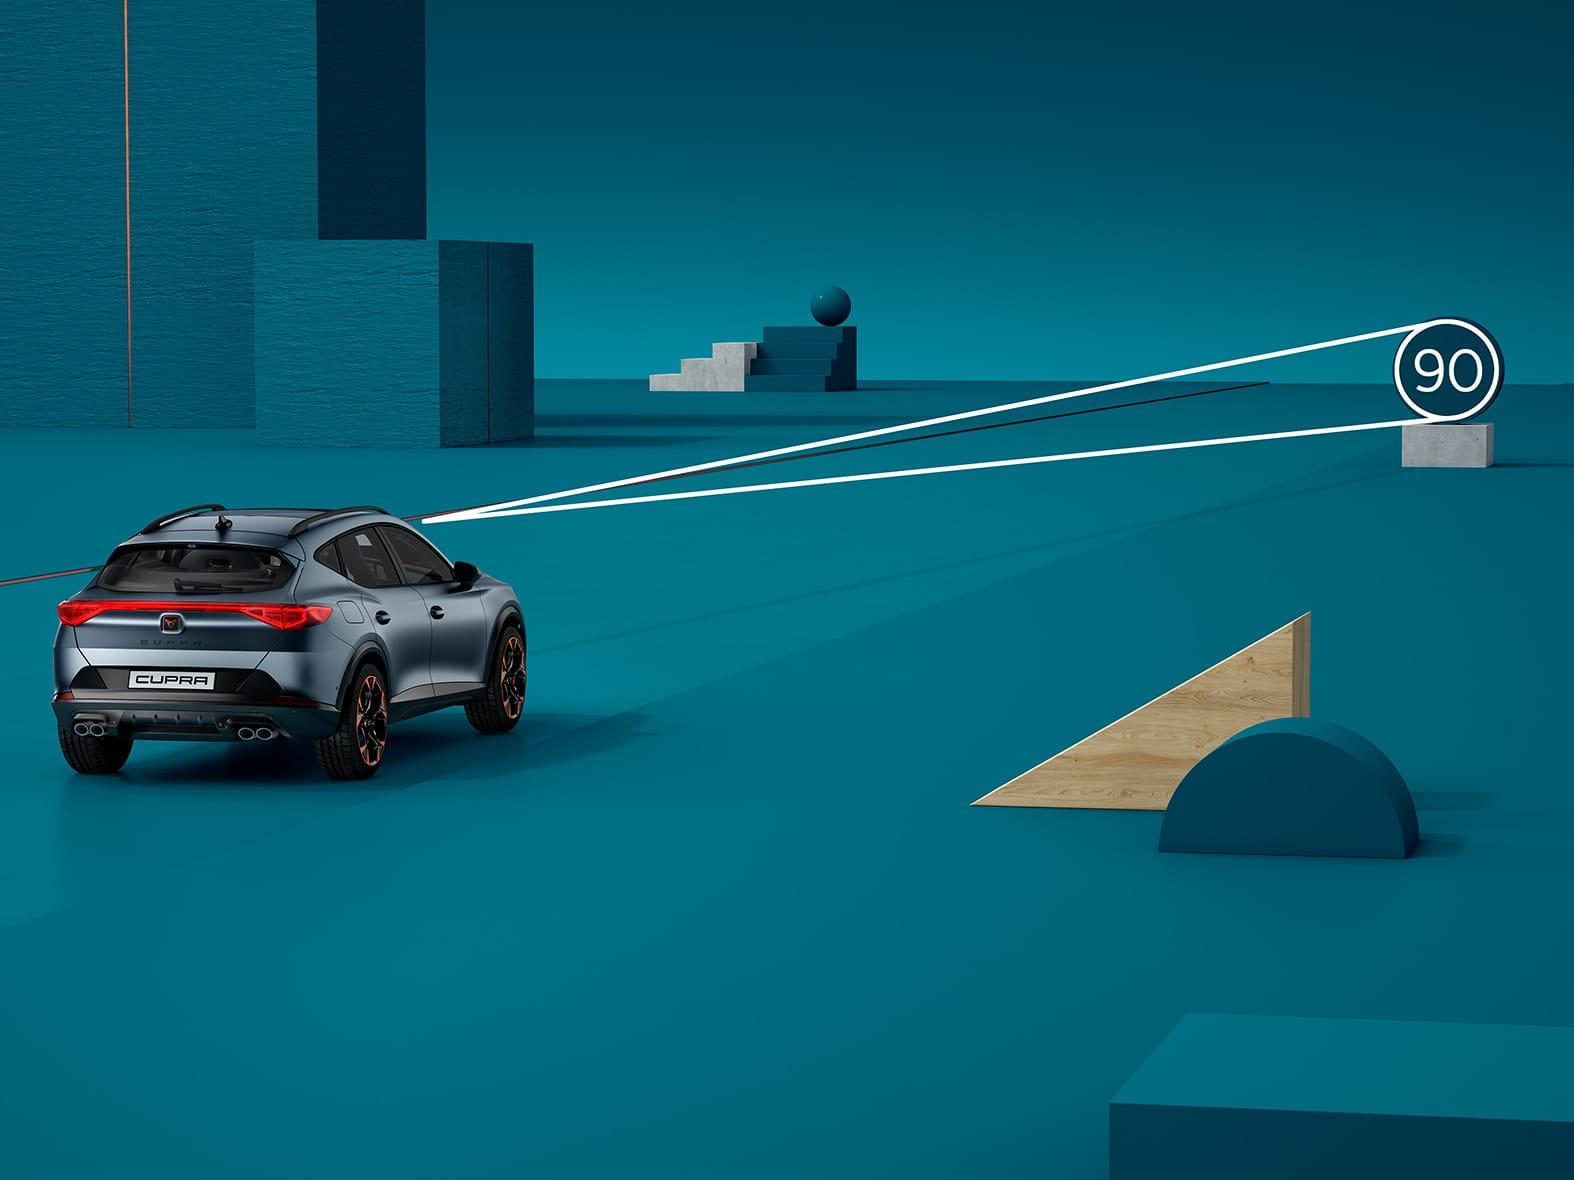 nouvelle CUPRA Leon 5 portes ehybrid voiture de sport compacte fonctions de sécurité reconnaissance des panneaux de signalisation